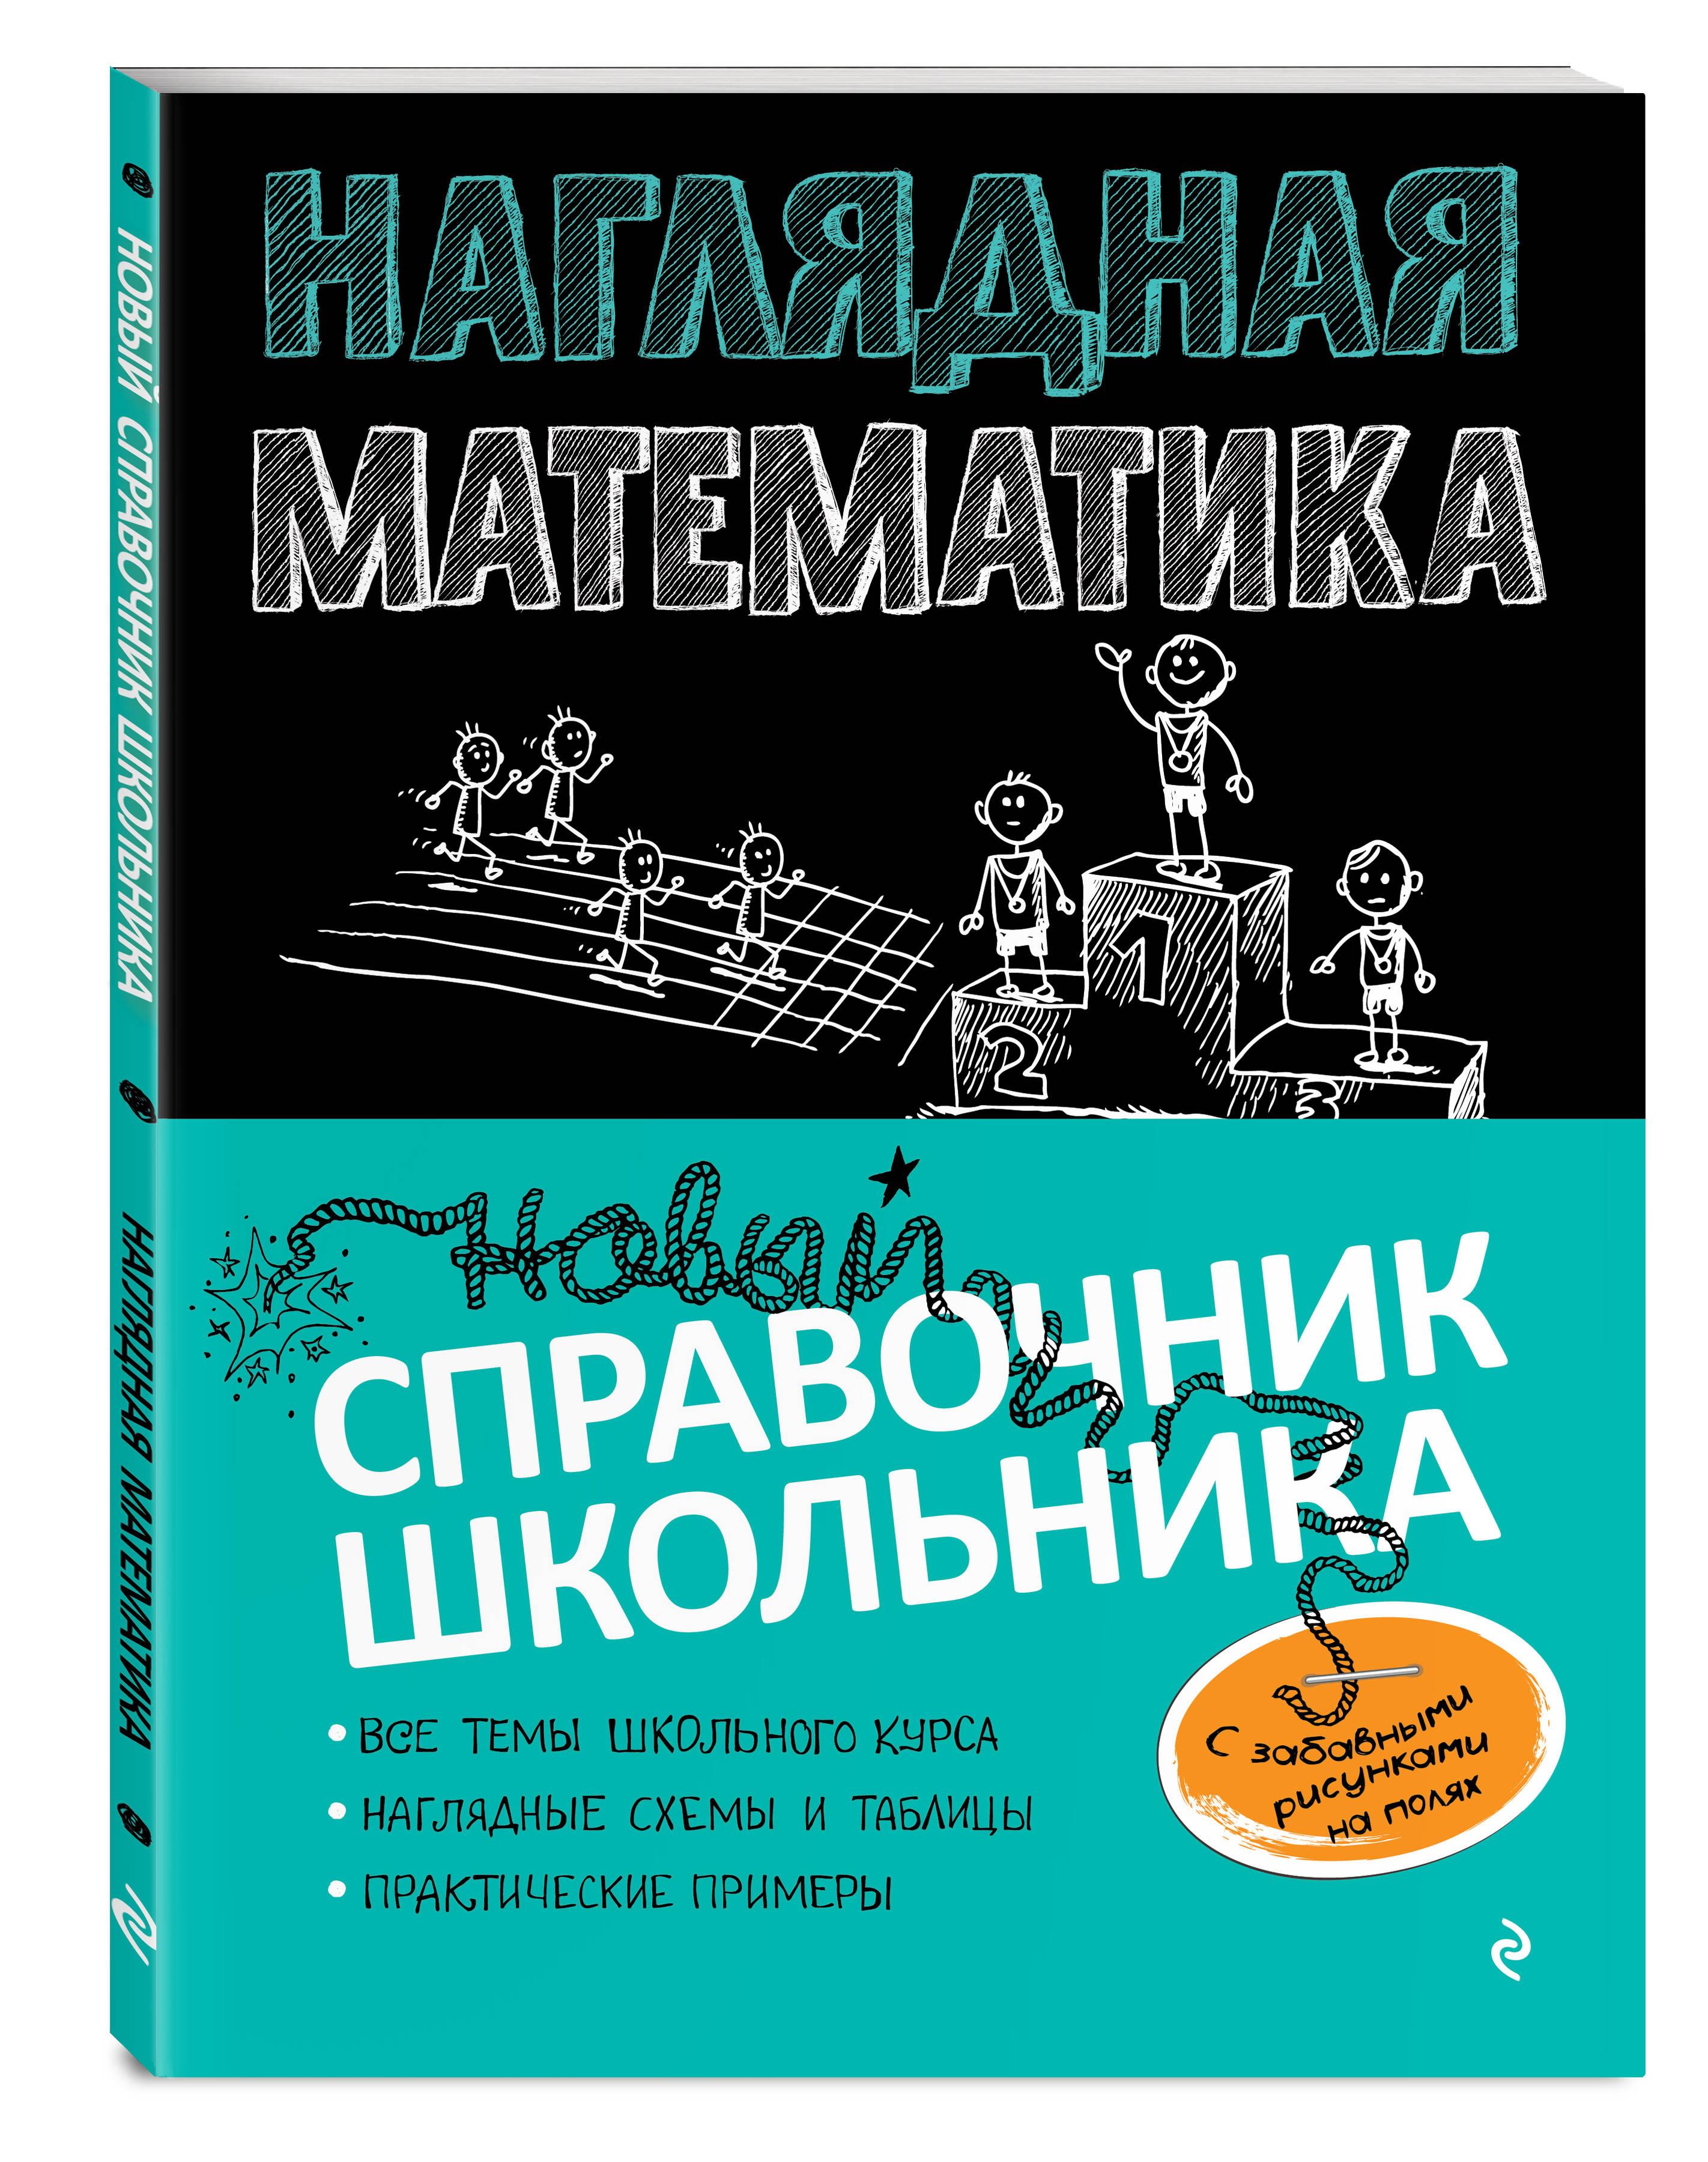 Наглядная математика ( Удалова Наталья Николаевна, Колесникова Т.А.  )